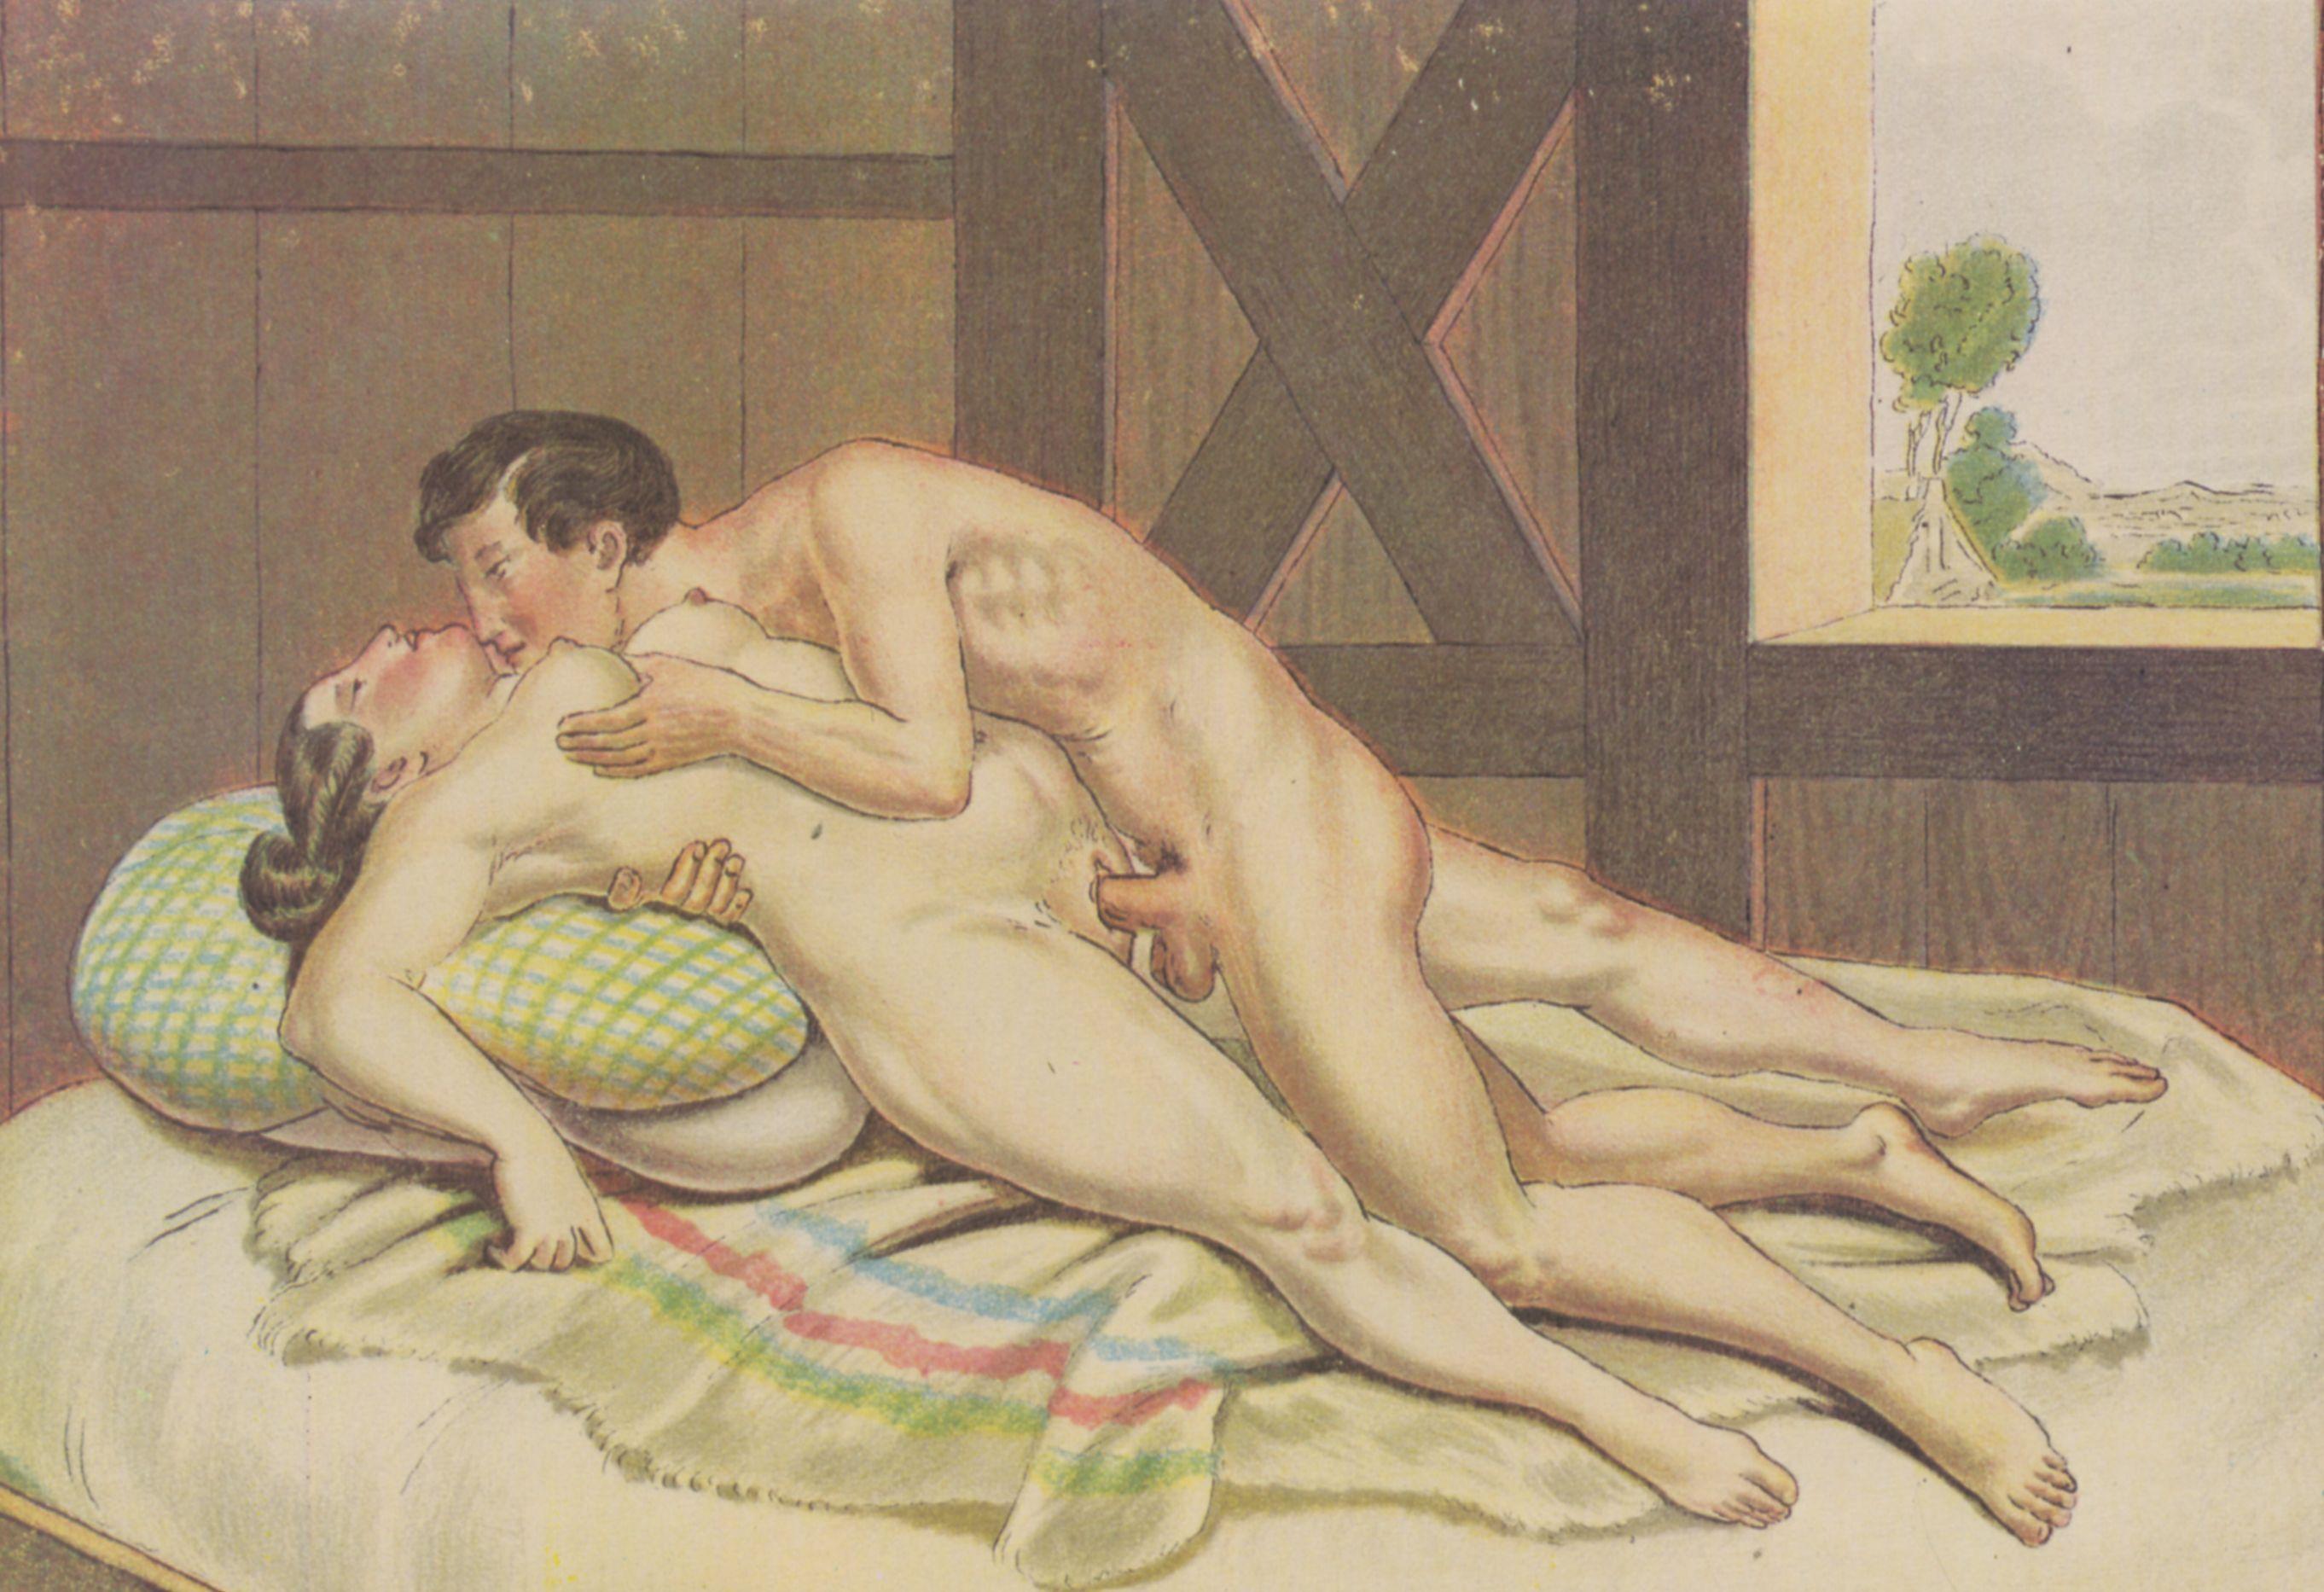 Эротические рисунки графика, Эротические рисунки девушек и женщин - голые картинки 24 фотография